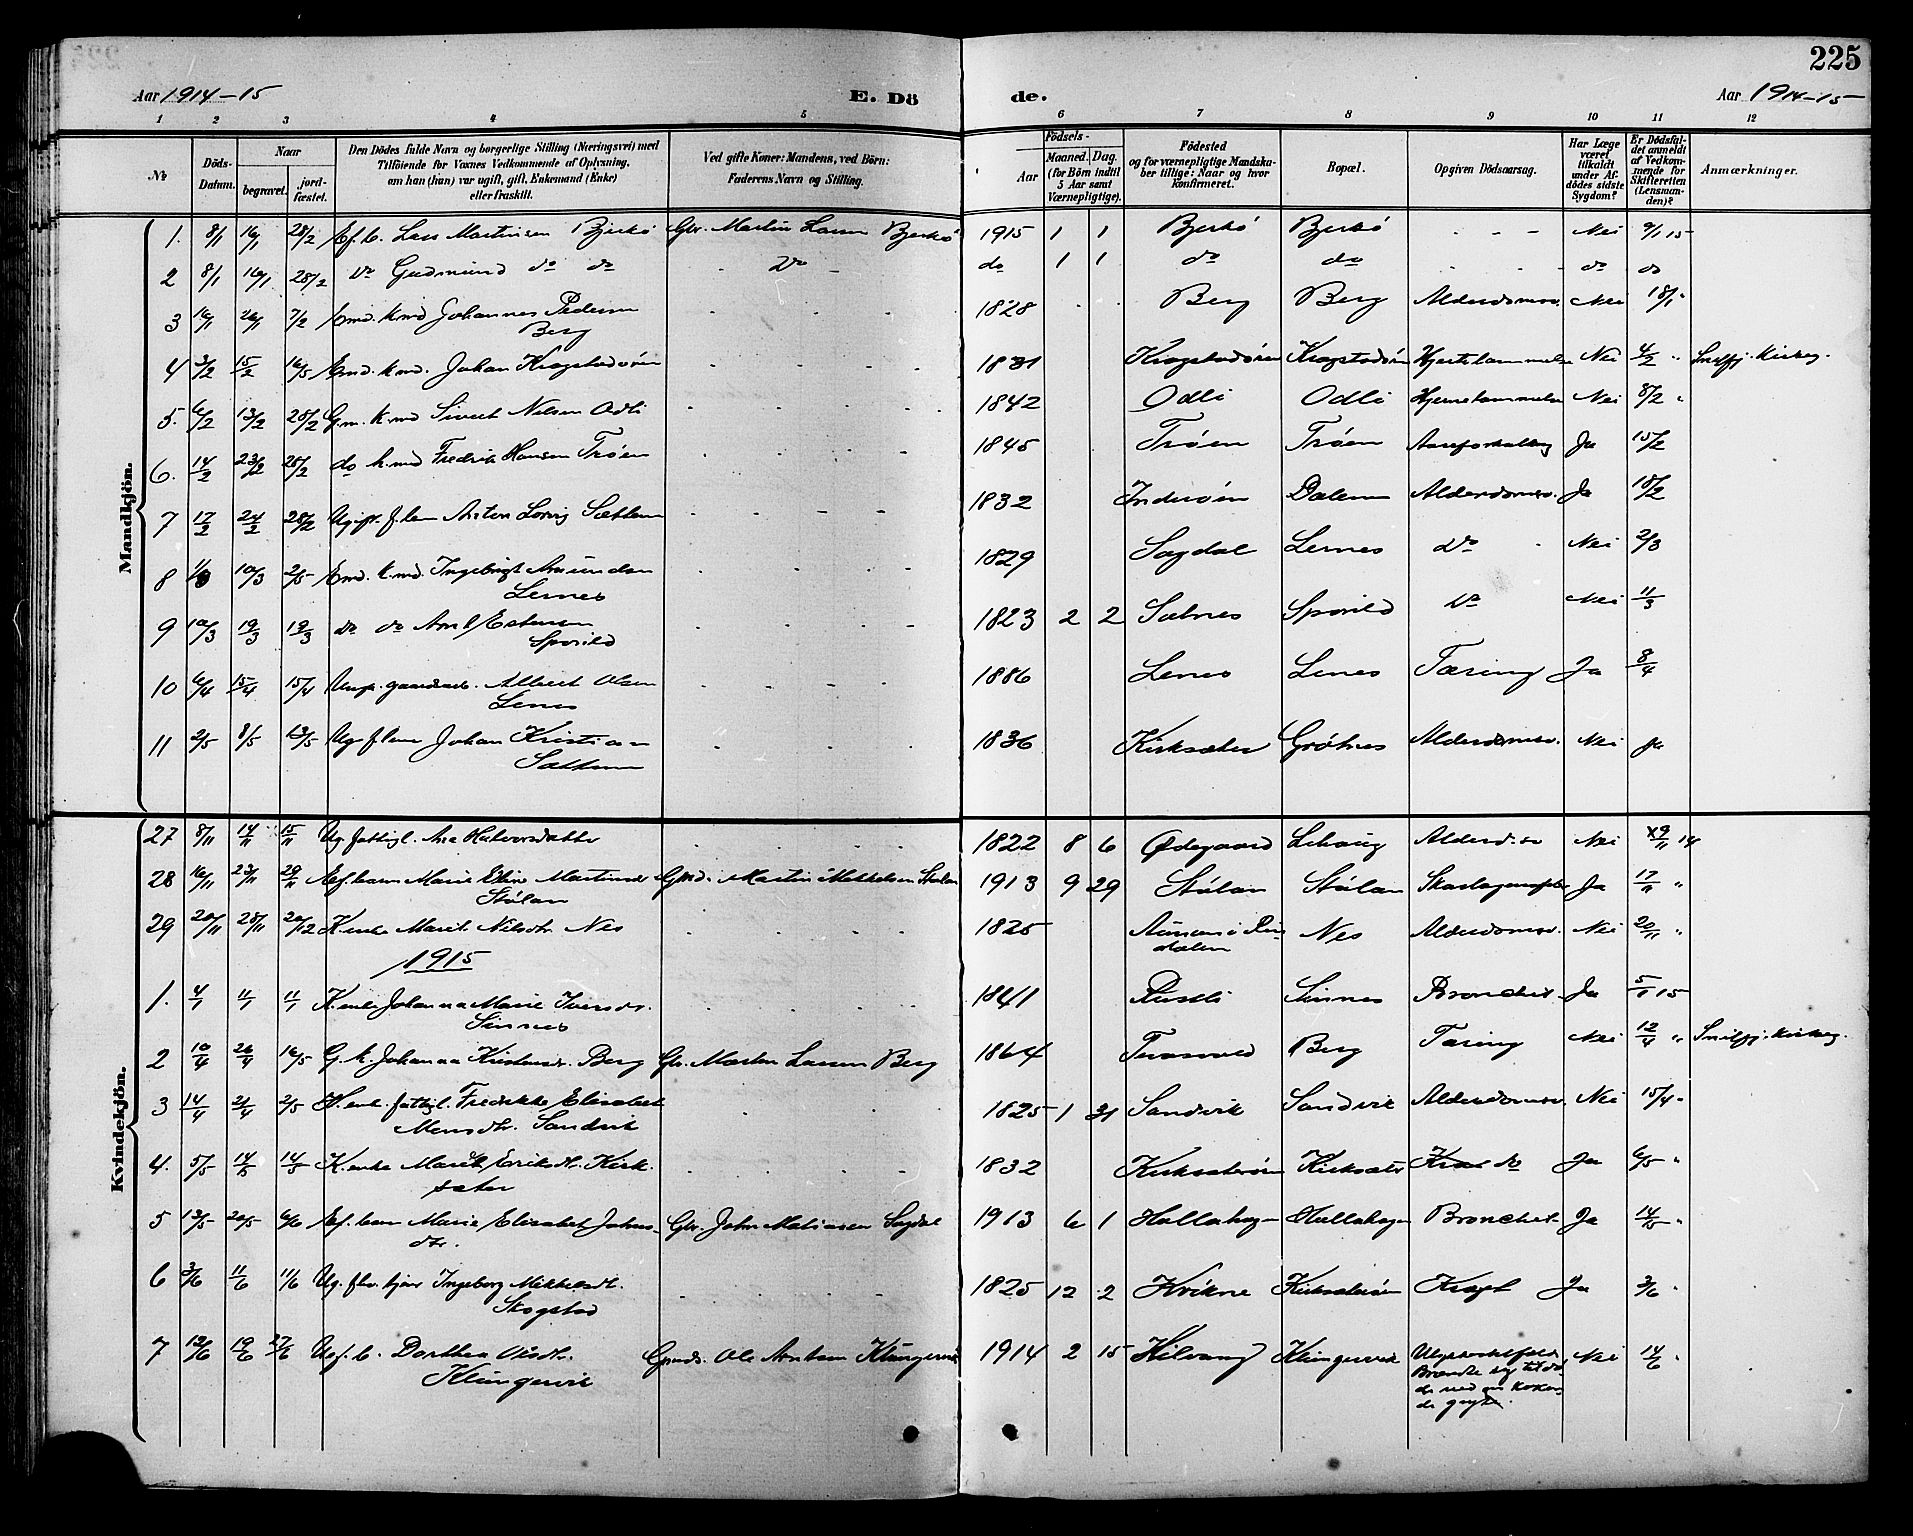 SAT, Ministerialprotokoller, klokkerbøker og fødselsregistre - Sør-Trøndelag, 630/L0505: Klokkerbok nr. 630C03, 1899-1914, s. 225